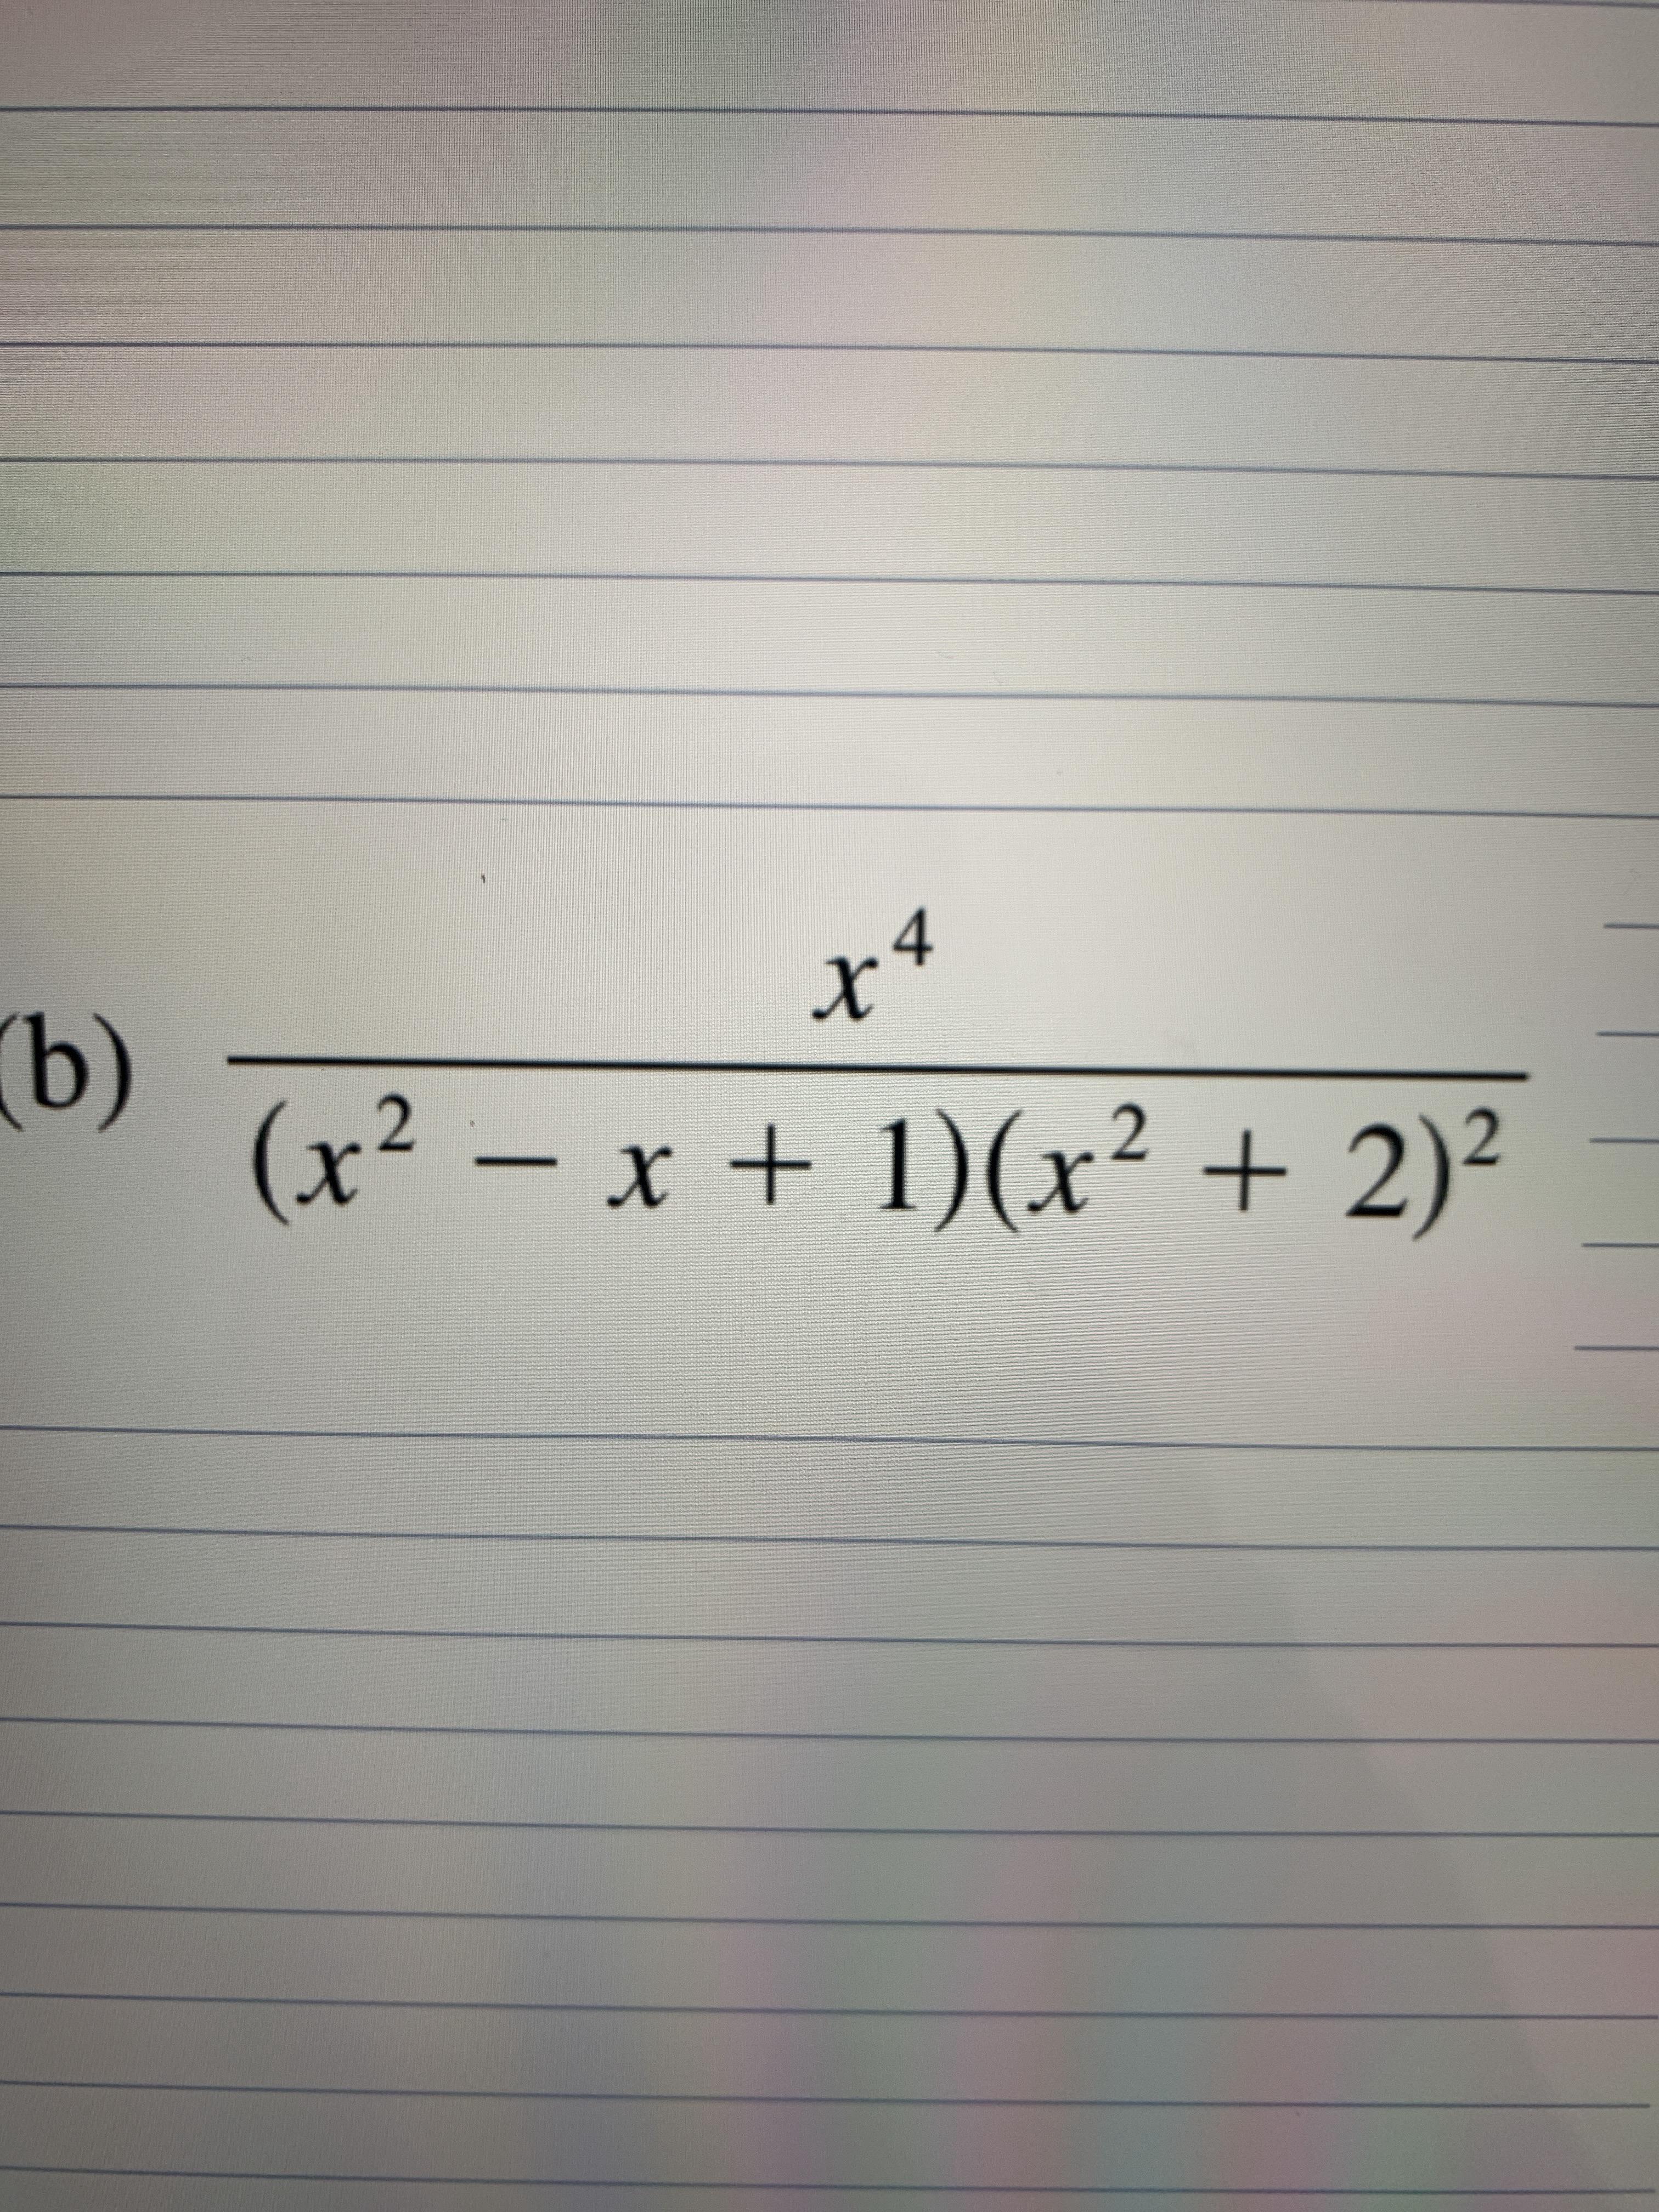 4 x* (x² – x + 1)(x² + 2)²